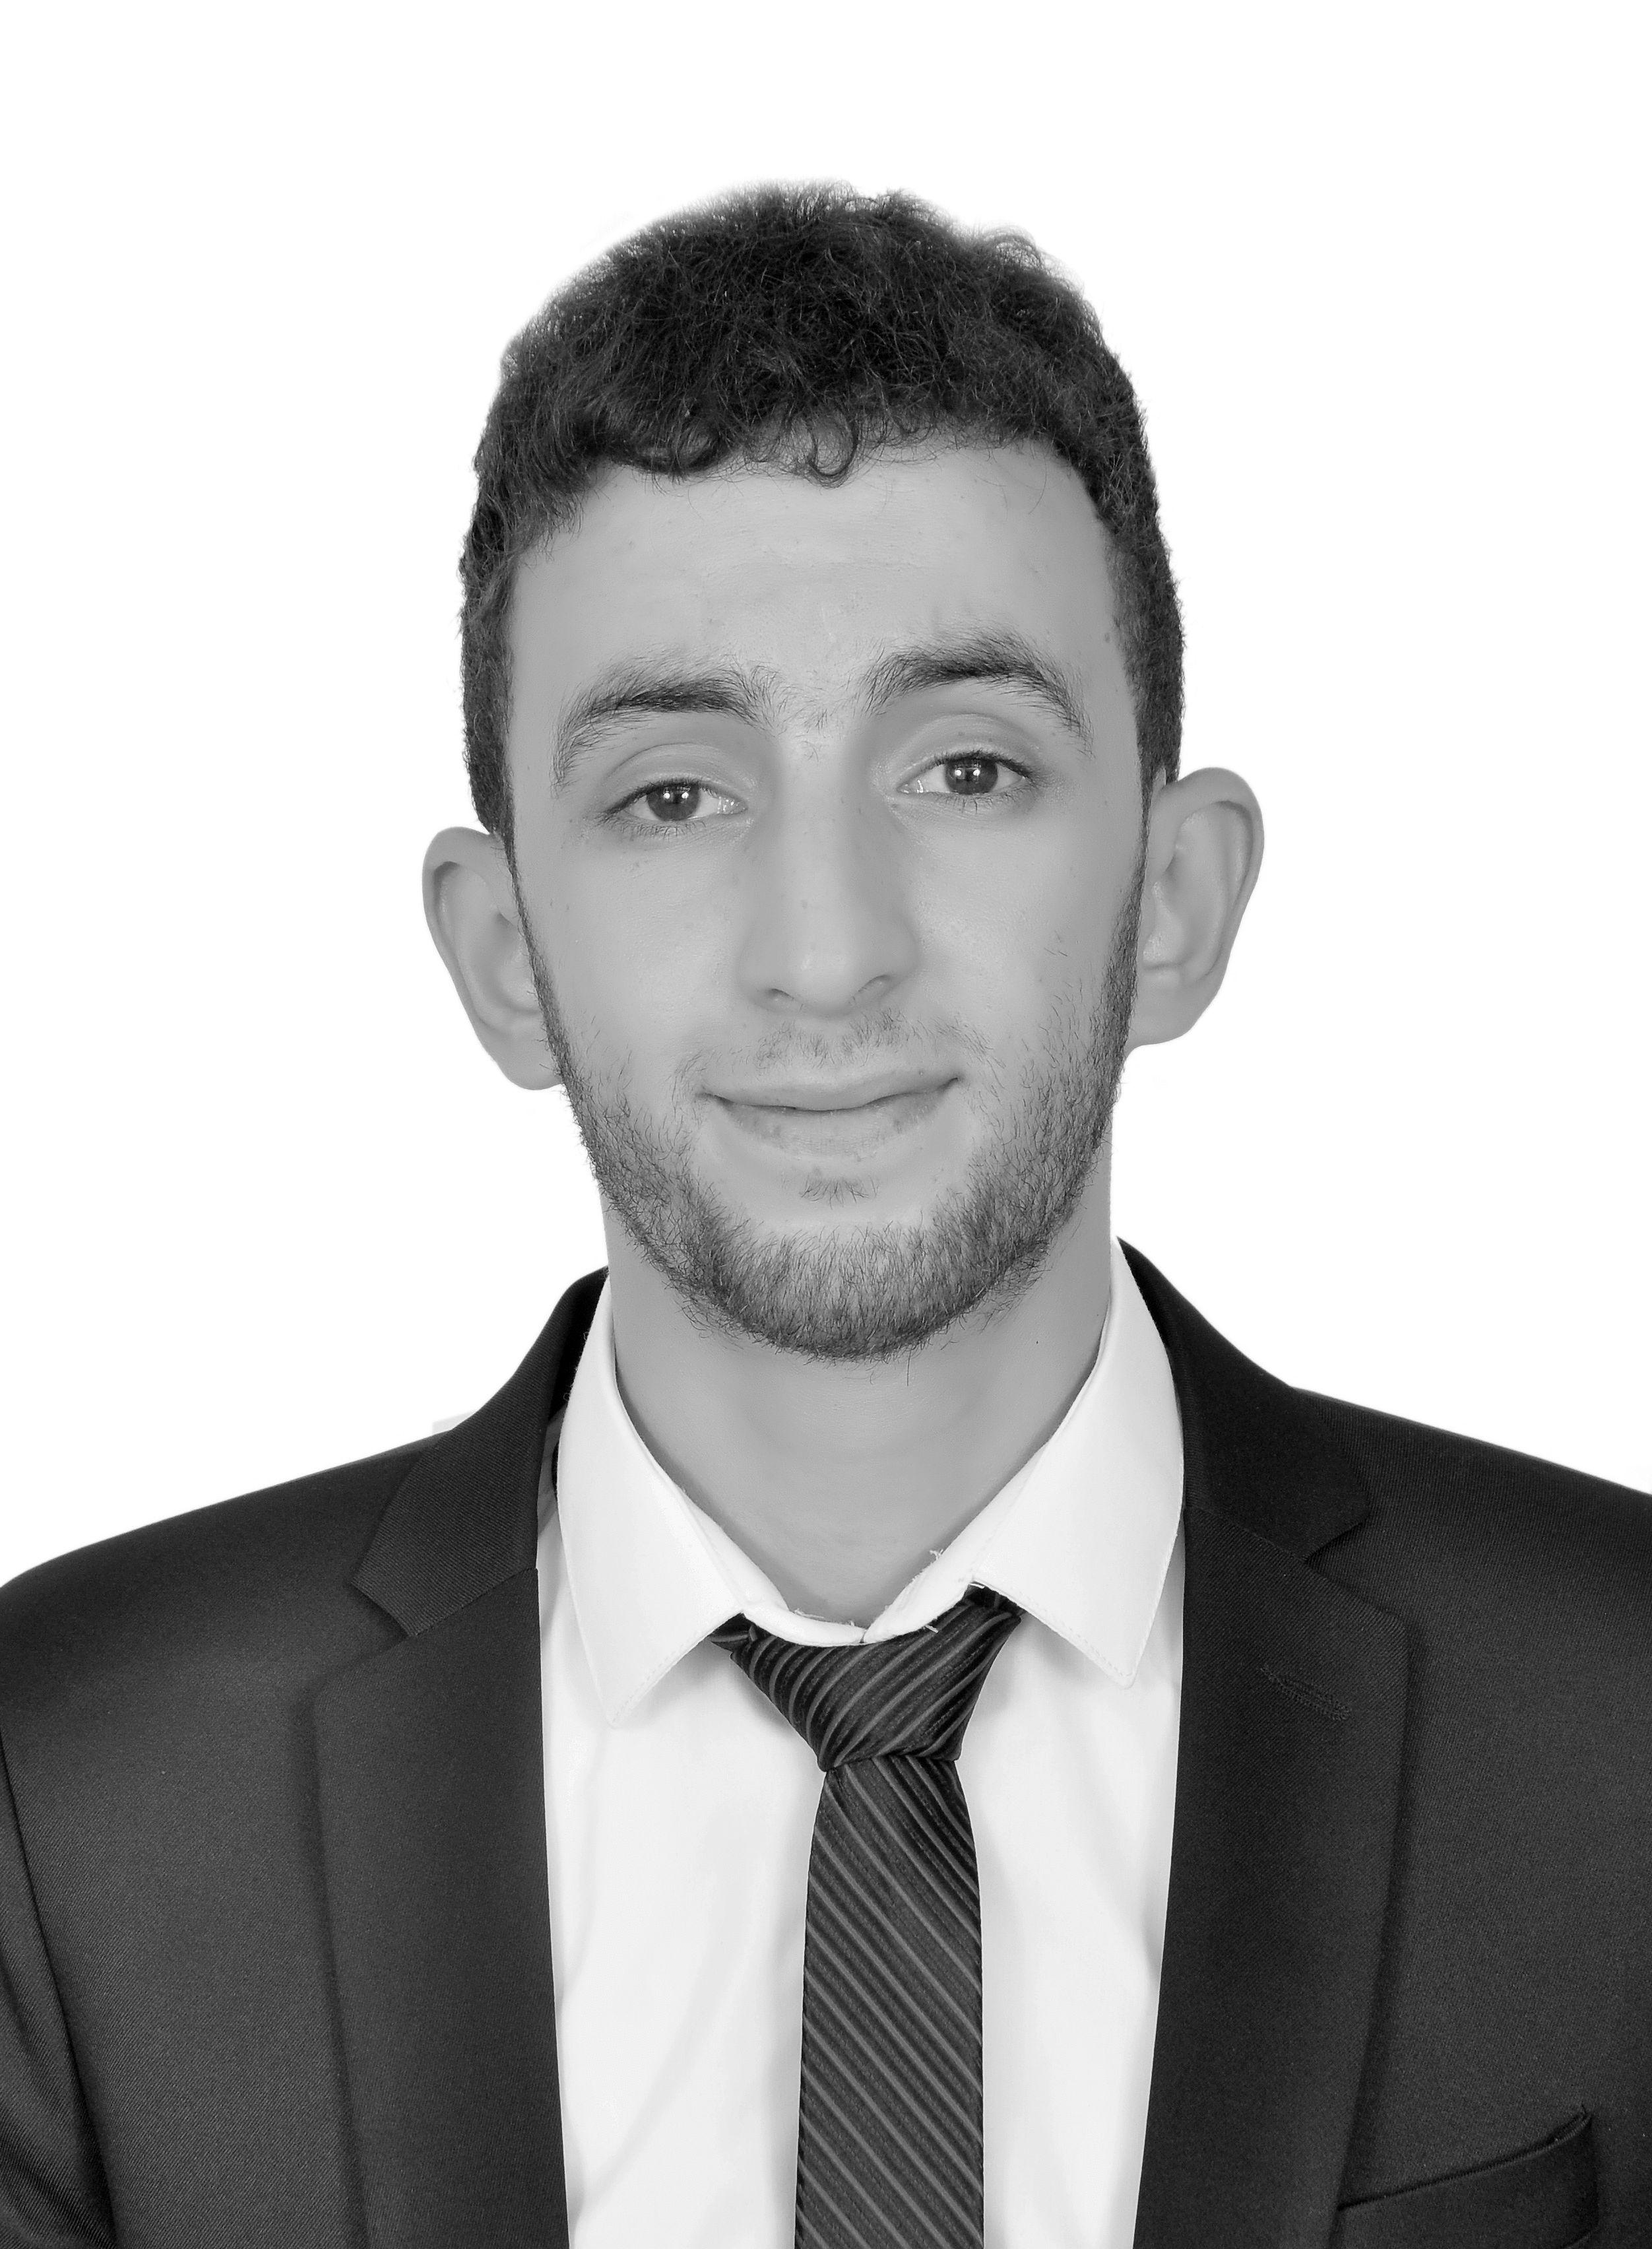 عبد الله القريشي Headshot